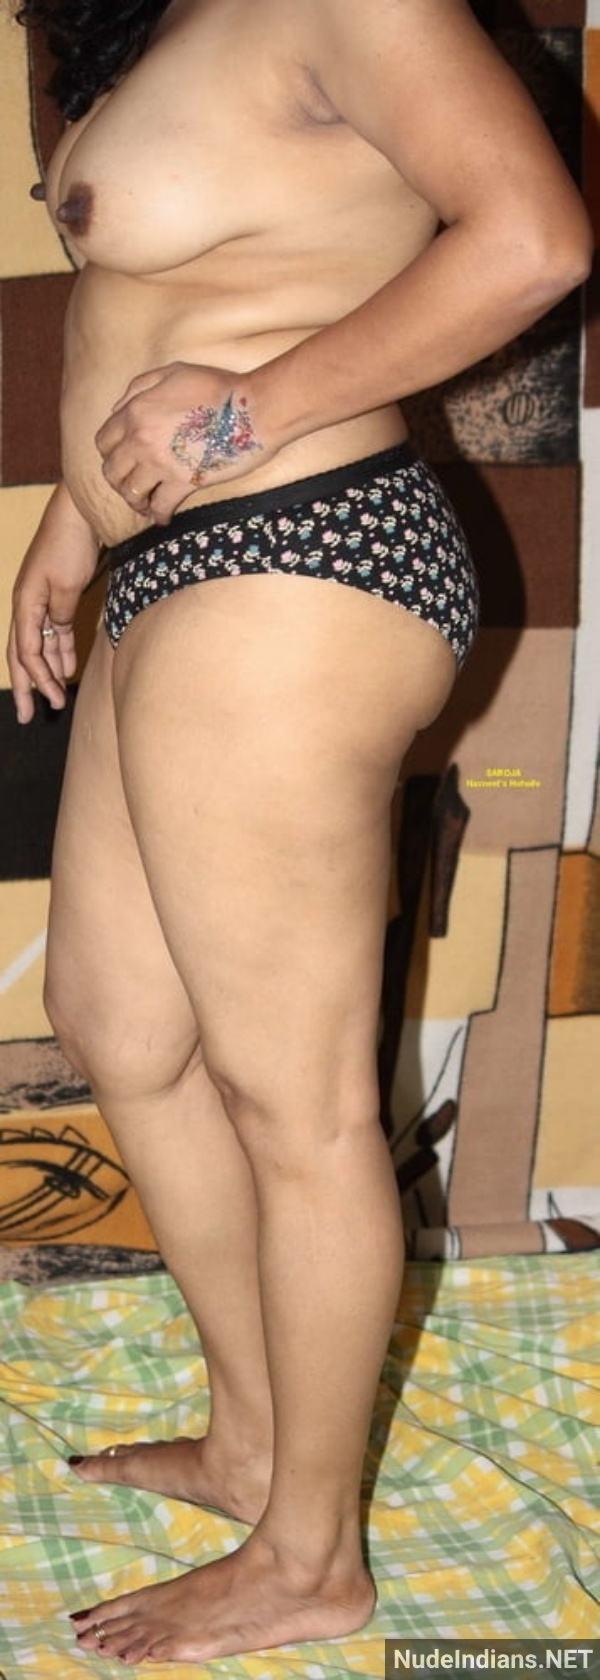 lewd desi aunty porn photos hot ass big tits hd pics - 1